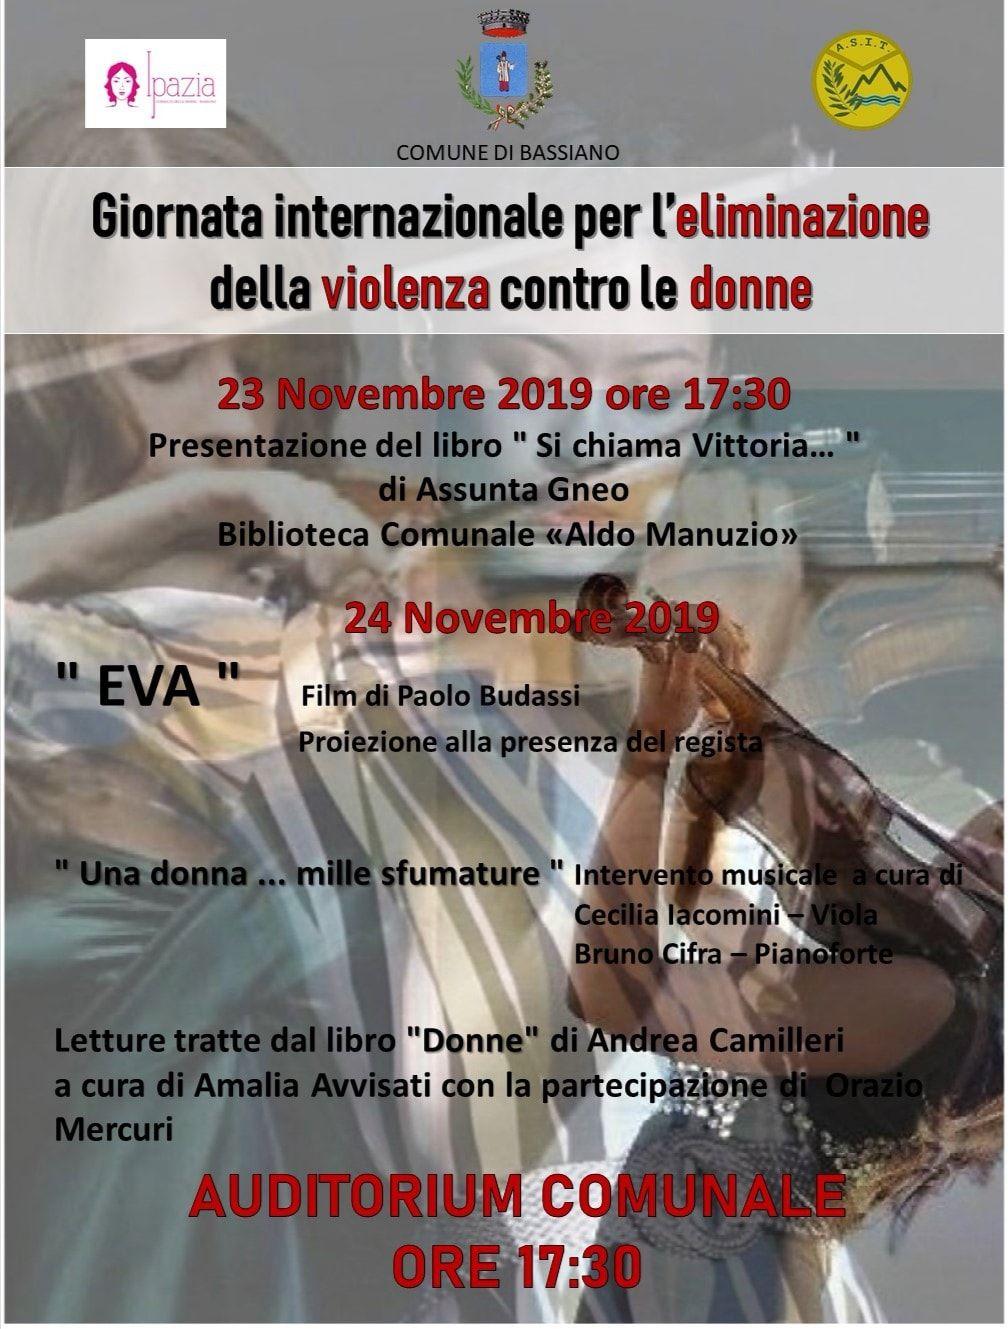 Bassiano: Giornata internazionale per l'eliminazione della violenza contro le donne @ Auditorium comunale   Bassiano   Lazio   Italia